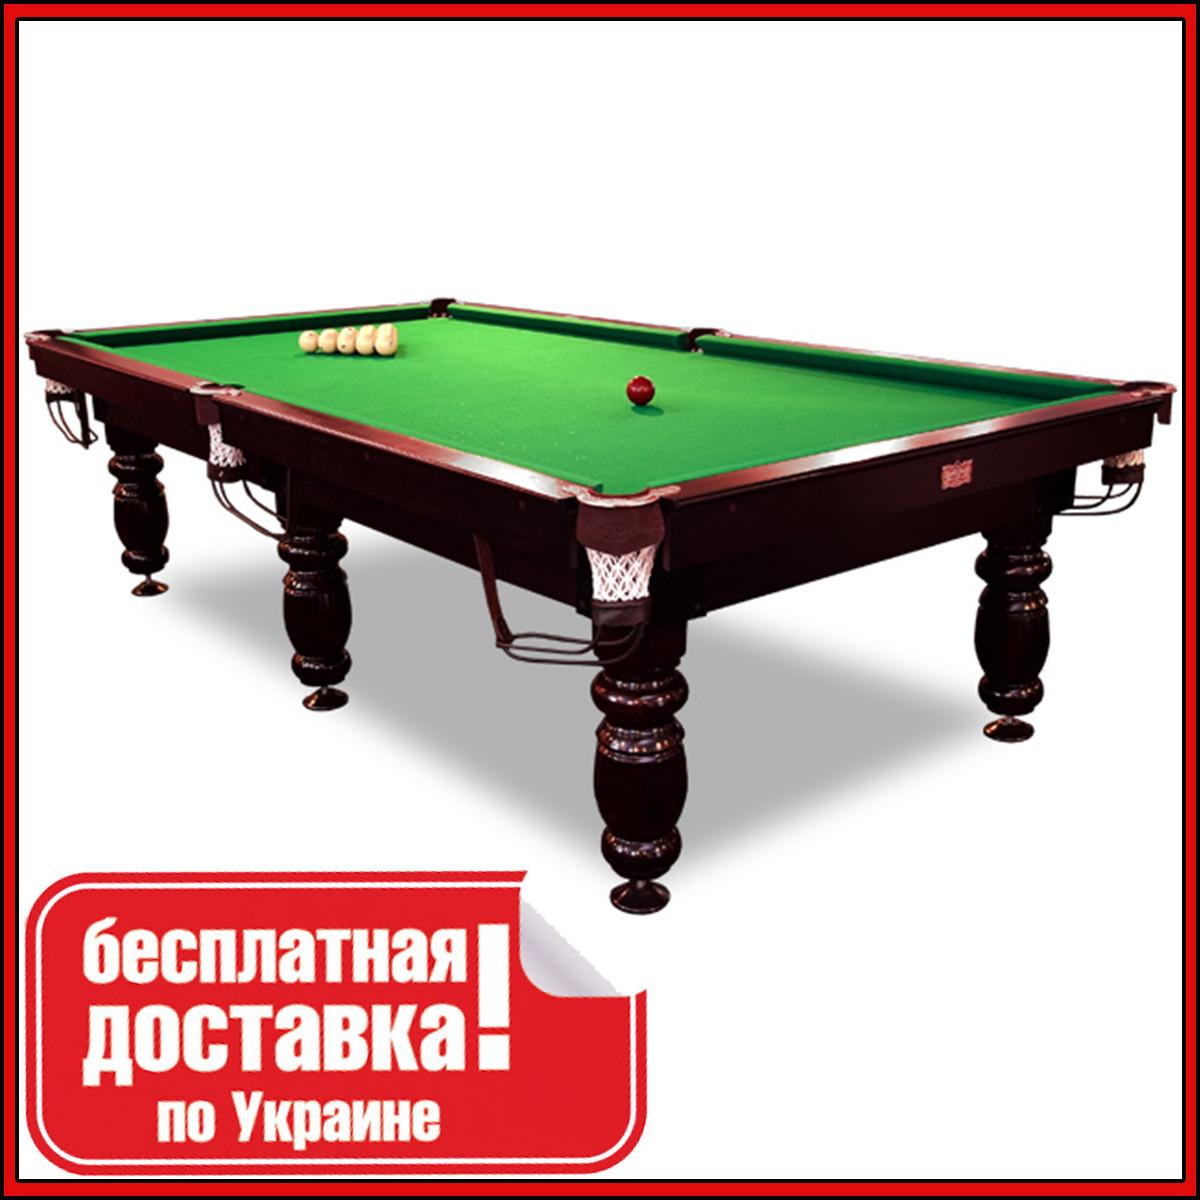 Більярдний стіл для піраміди КЛАСИК 2 12 футів ЛДСП 3.6 м х 1.8 м з натурального дерева